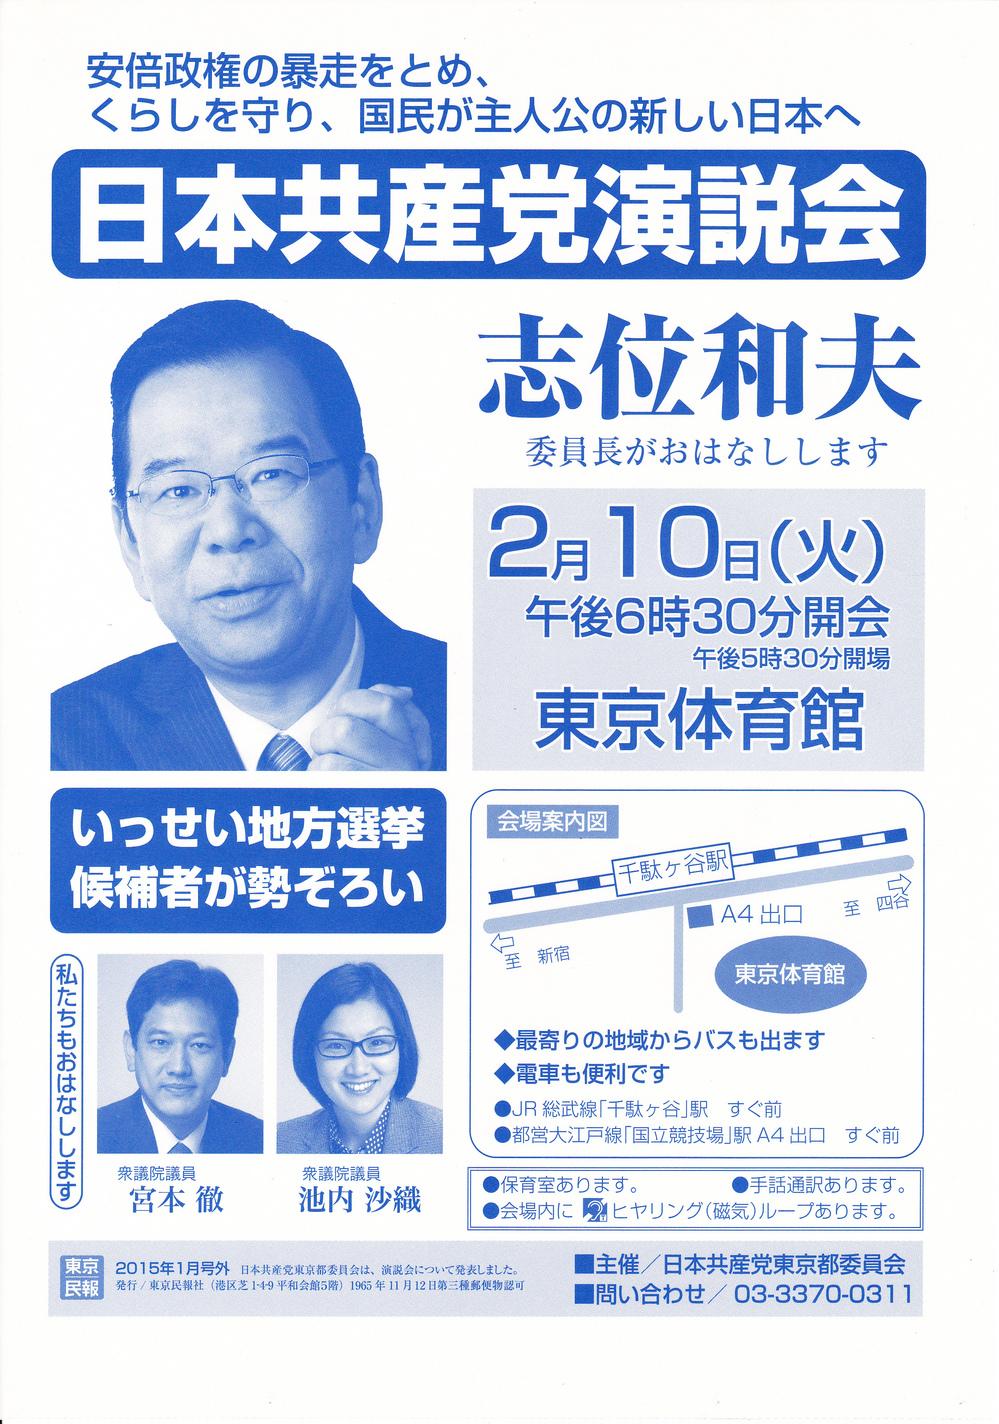 2.10日本共産党演説会_0001.jpg